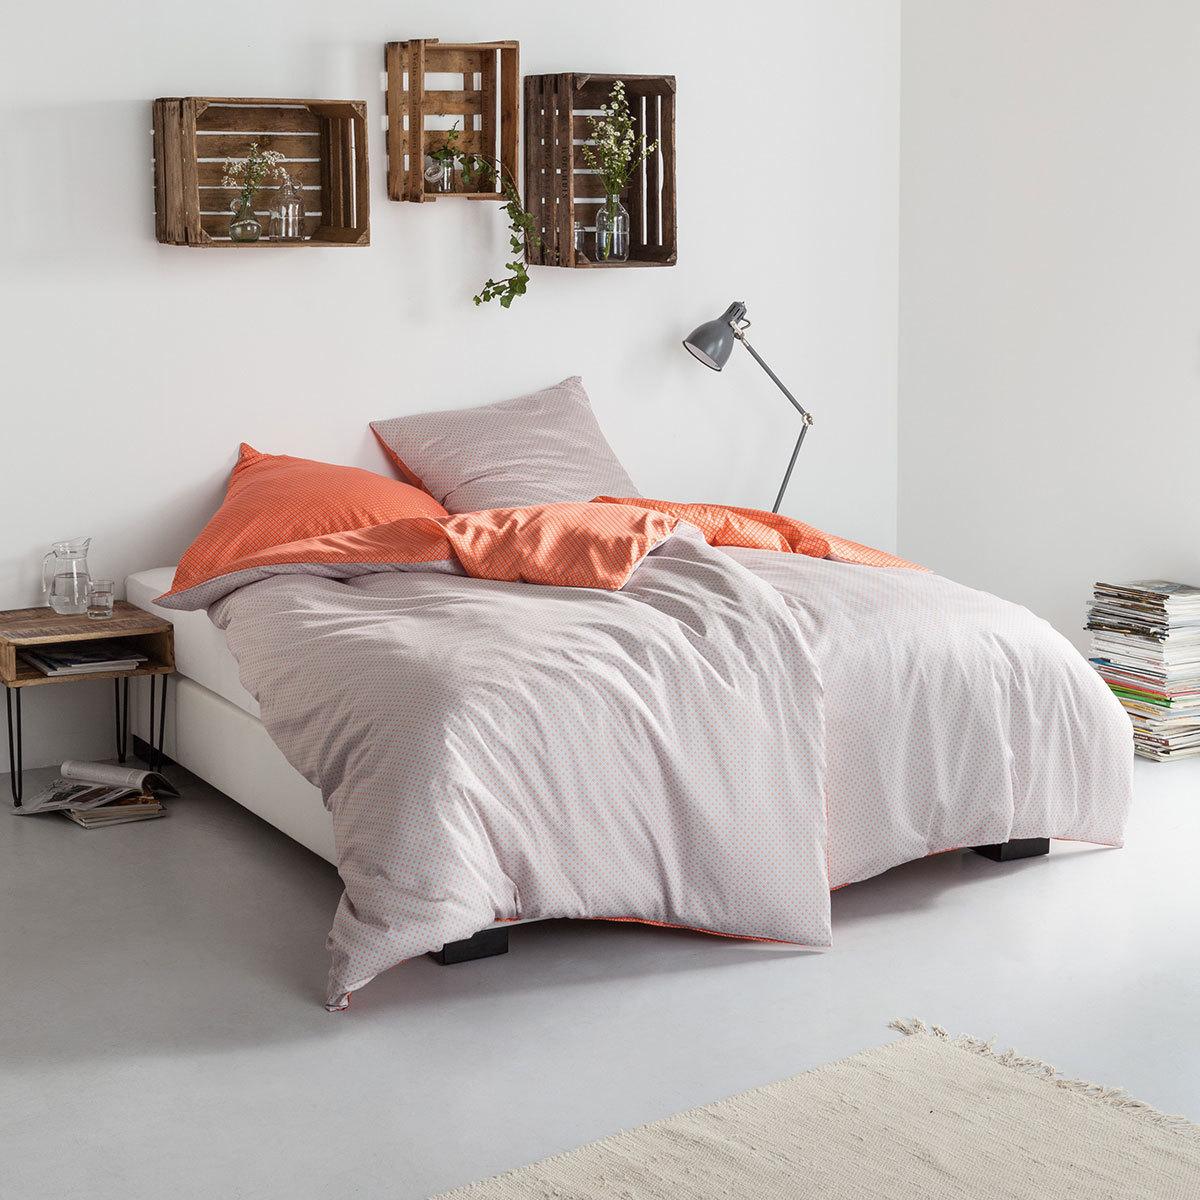 estella mako satin bettw sche runa hummer g nstig online kaufen bei bettwaren shop. Black Bedroom Furniture Sets. Home Design Ideas